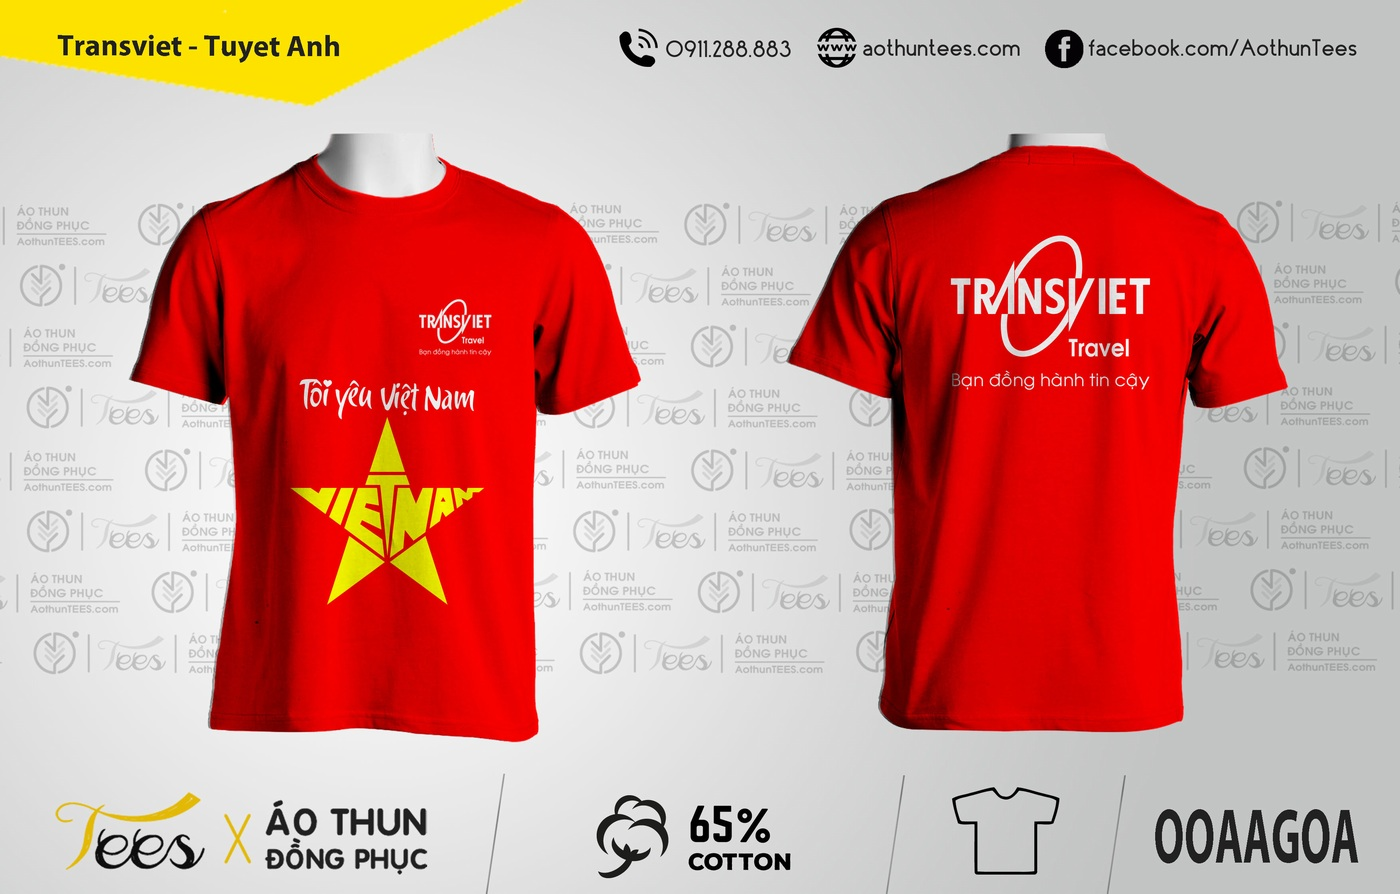 070. Transviet Tuyet Anh - Áo thun du lịch cổ động Việt Nam vô địch chung kết Seagame 2019 - Công ty Transviet